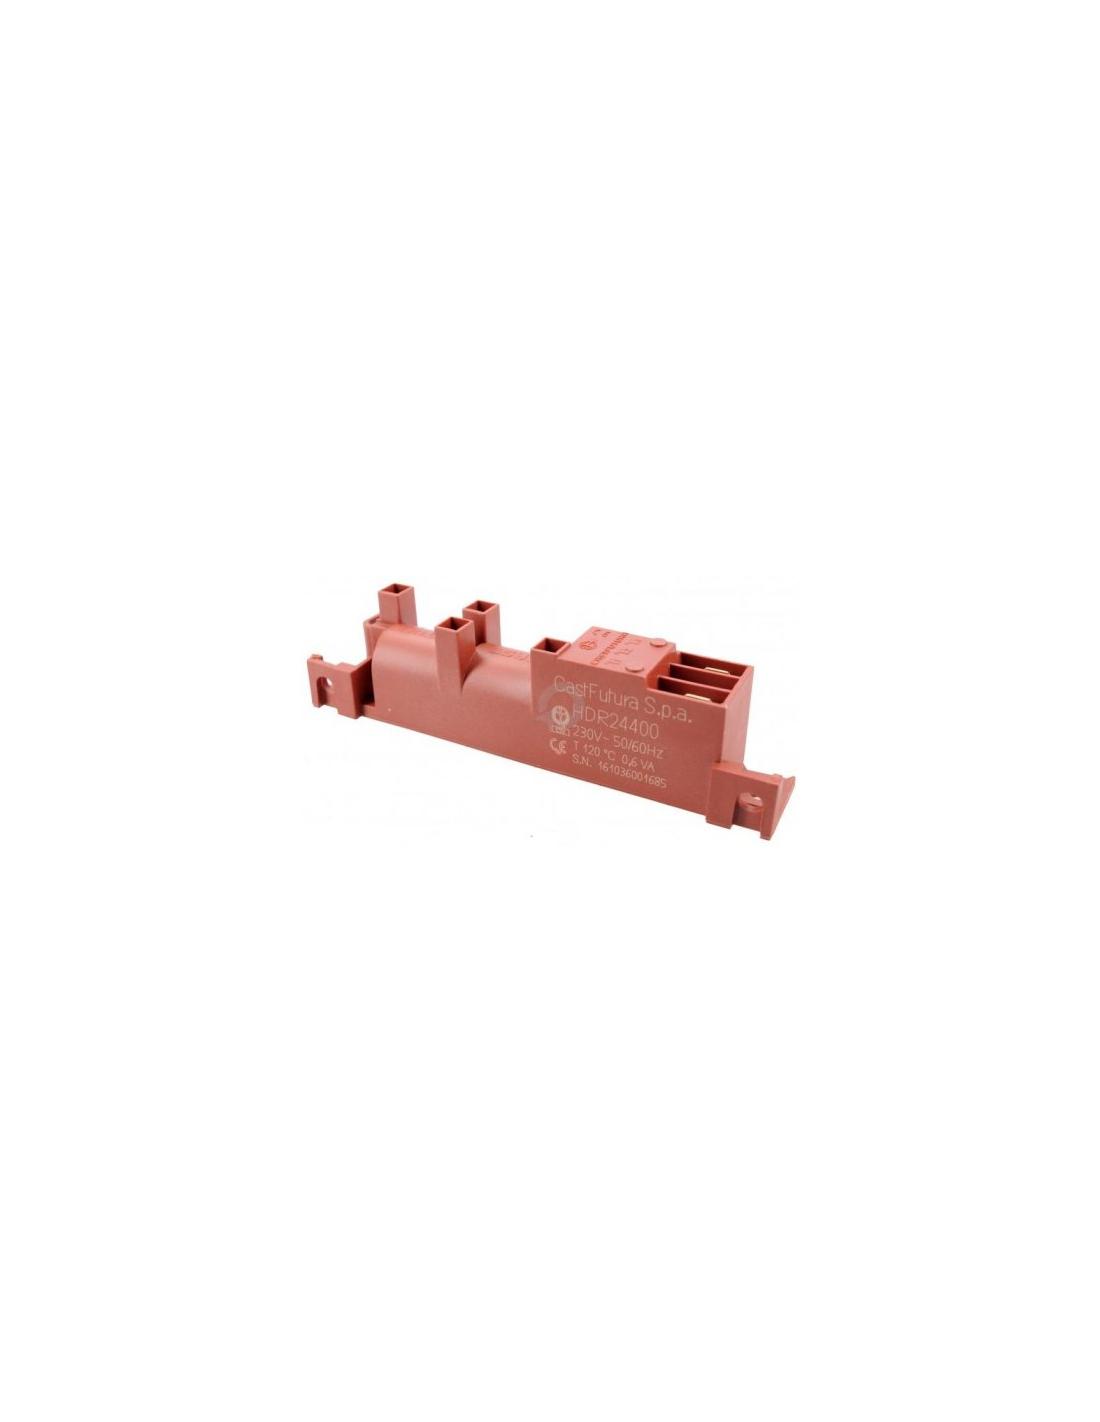 Блок электроподжига для газовой плиты CANDY HOOVER B200046-02, 42803839